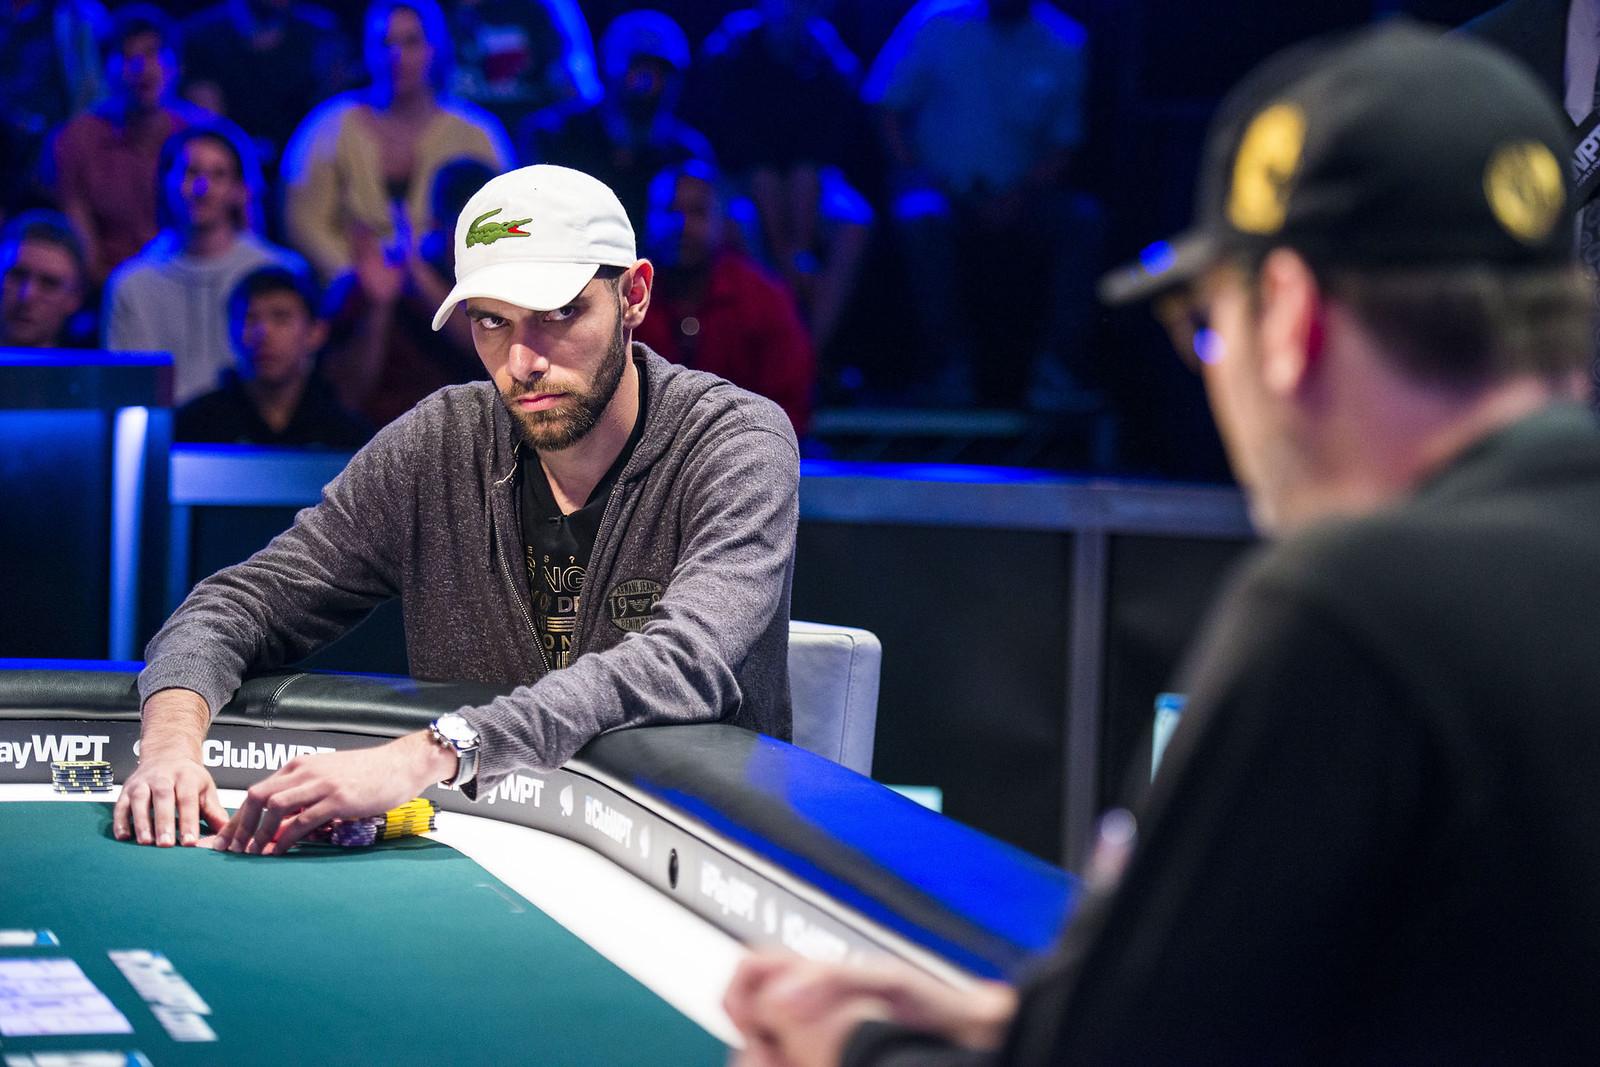 Wpt legends of poker 2017 winner next vip sale slots july 2015